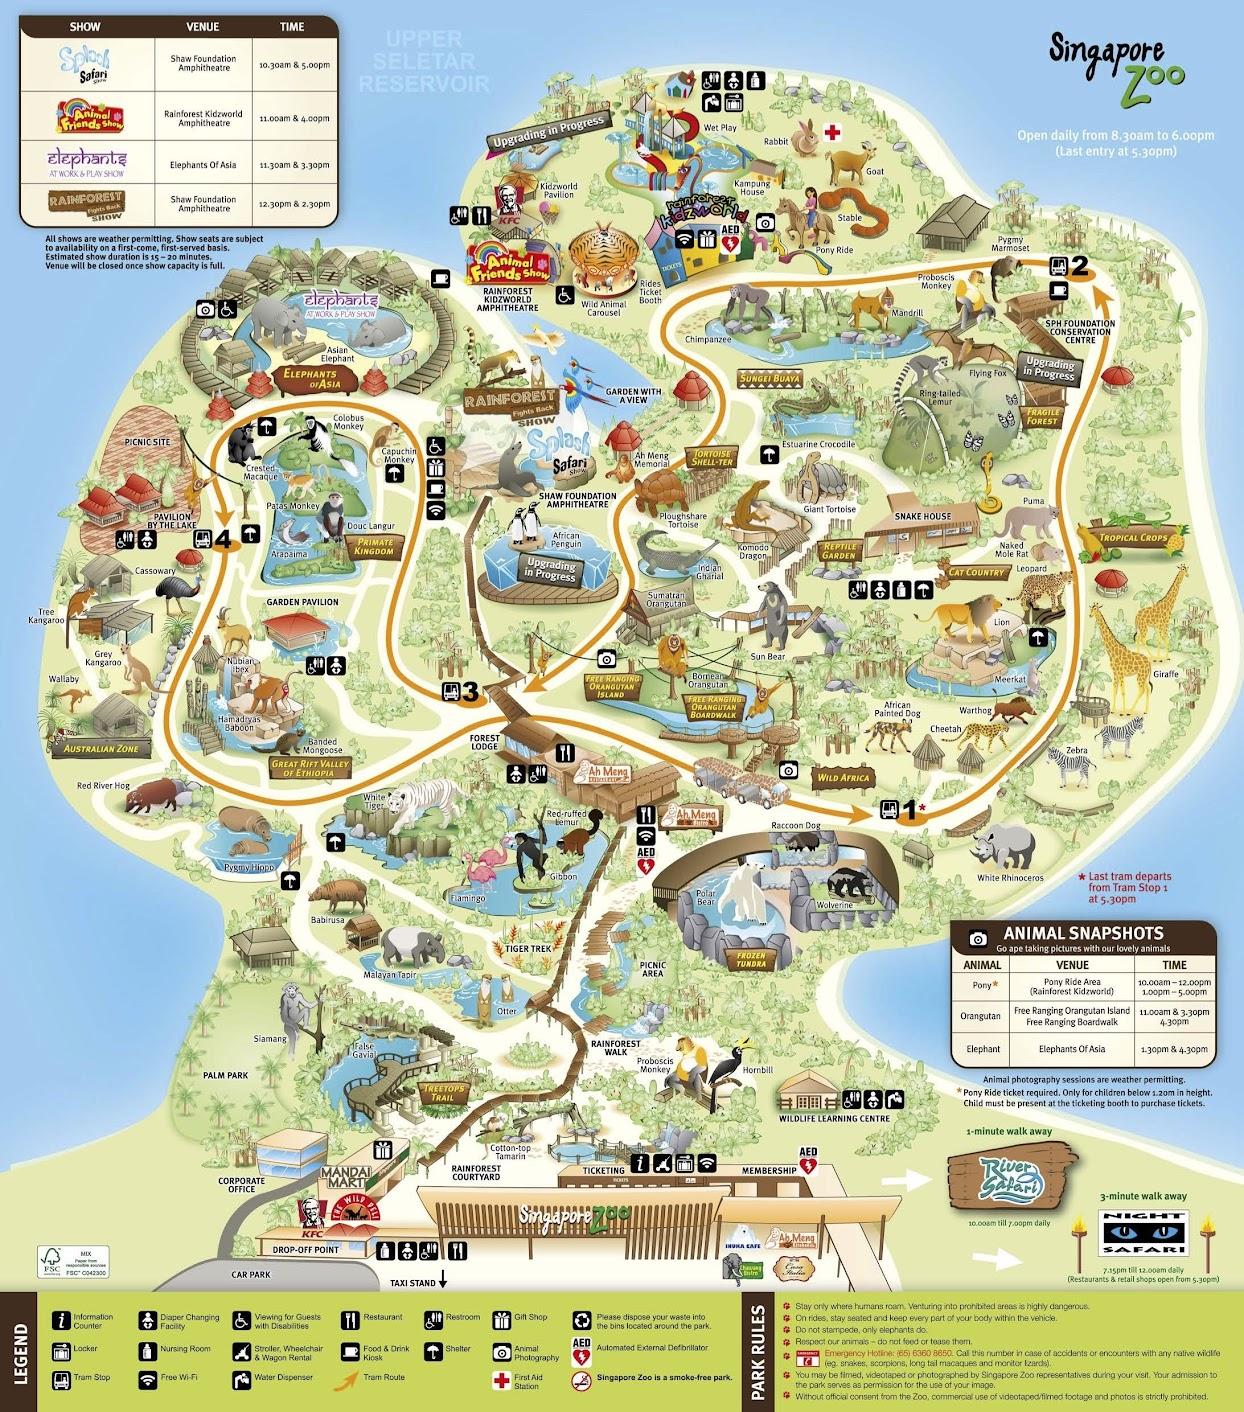 シンガポール動物園 マップ